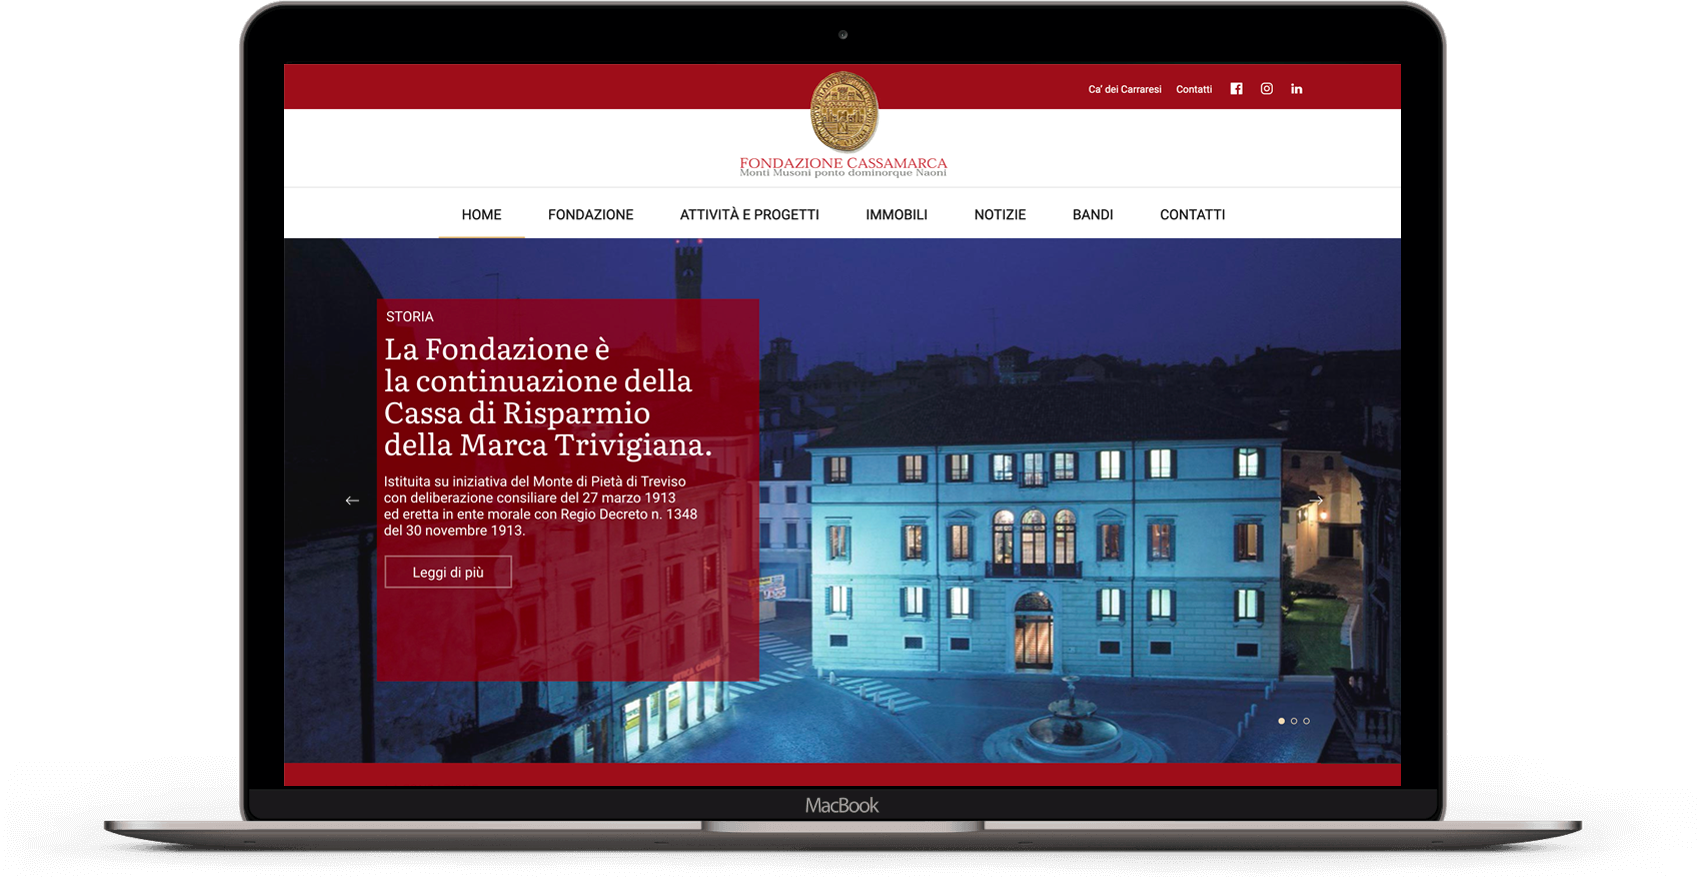 Fondazione Cassamarca